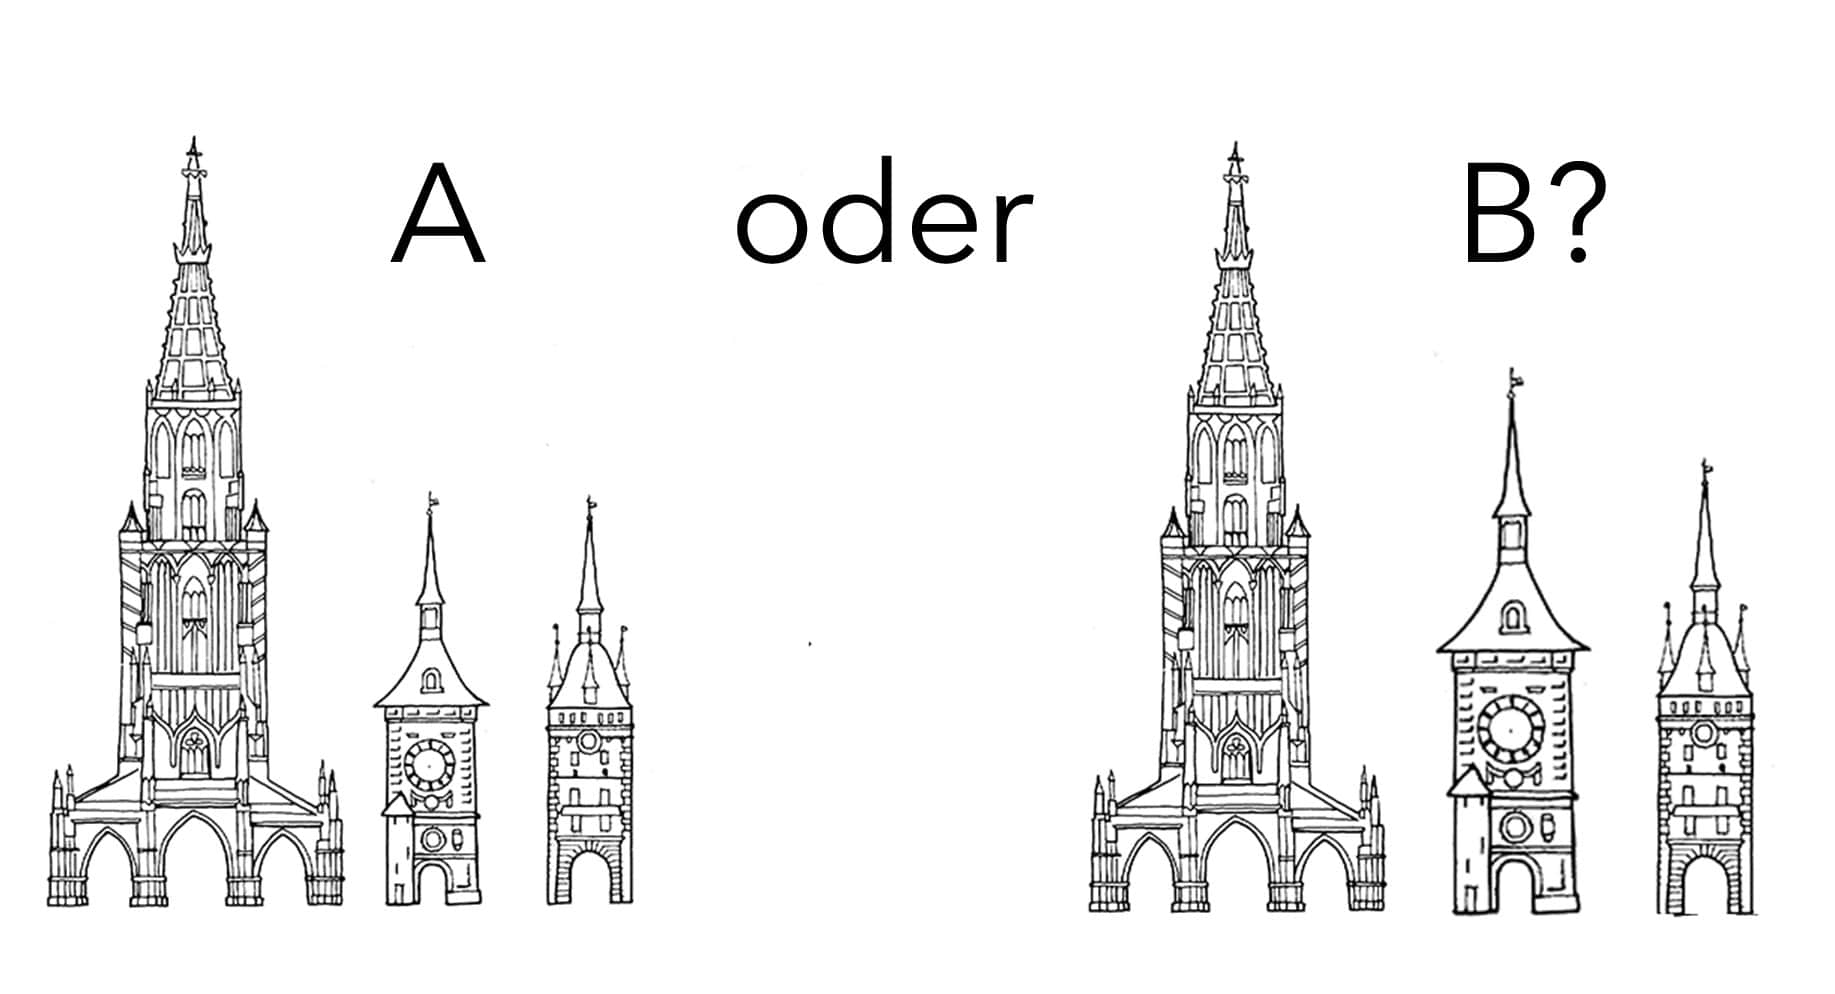 Vergleich: Wie hoch sind die Türme: Bild A oder B?